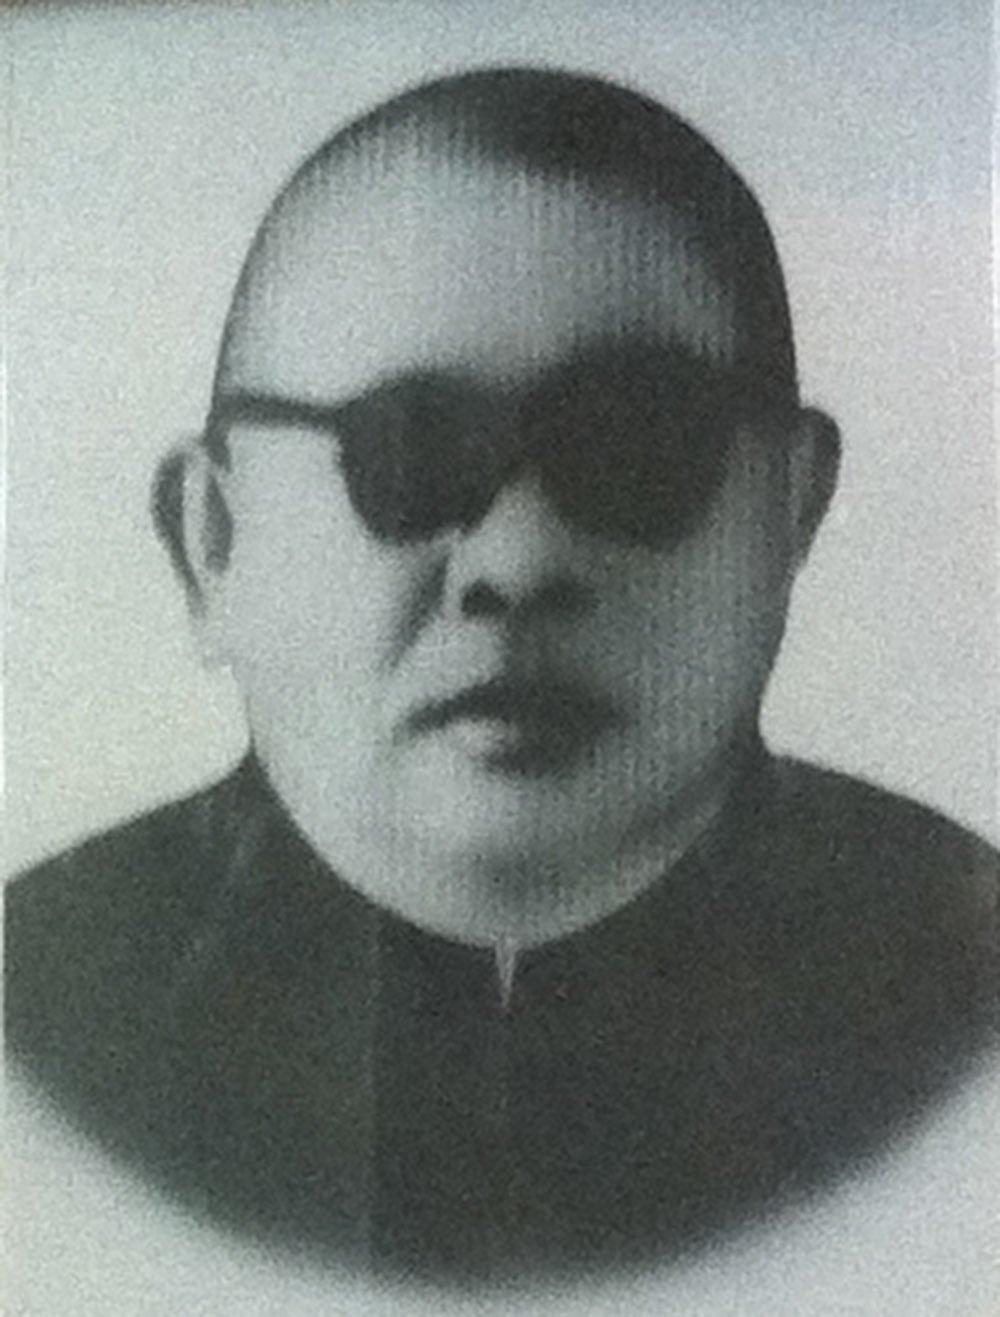 Đại gia mù Bá Thiên.